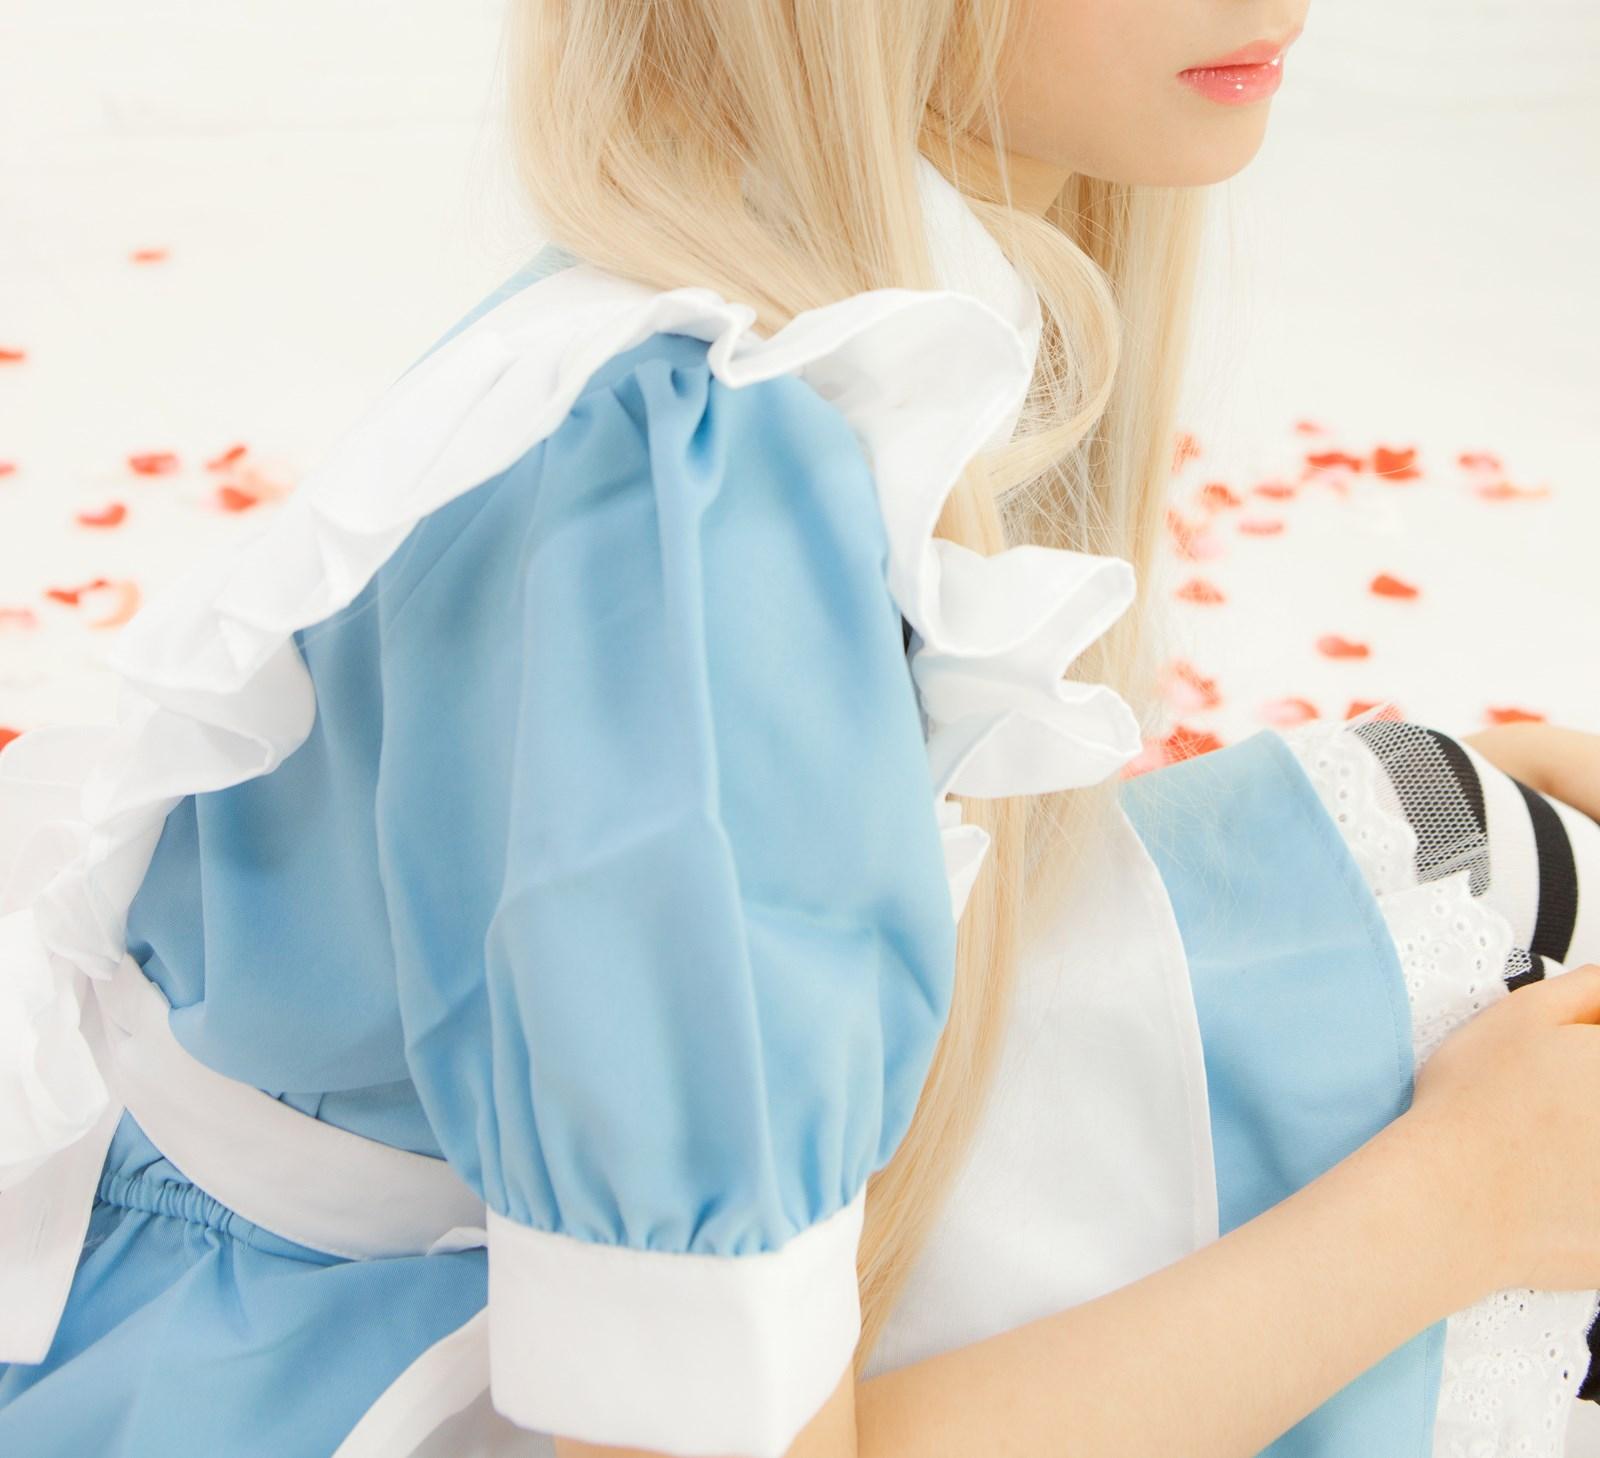 【兔玩映画】爱丽丝少女 兔玩映画 第13张